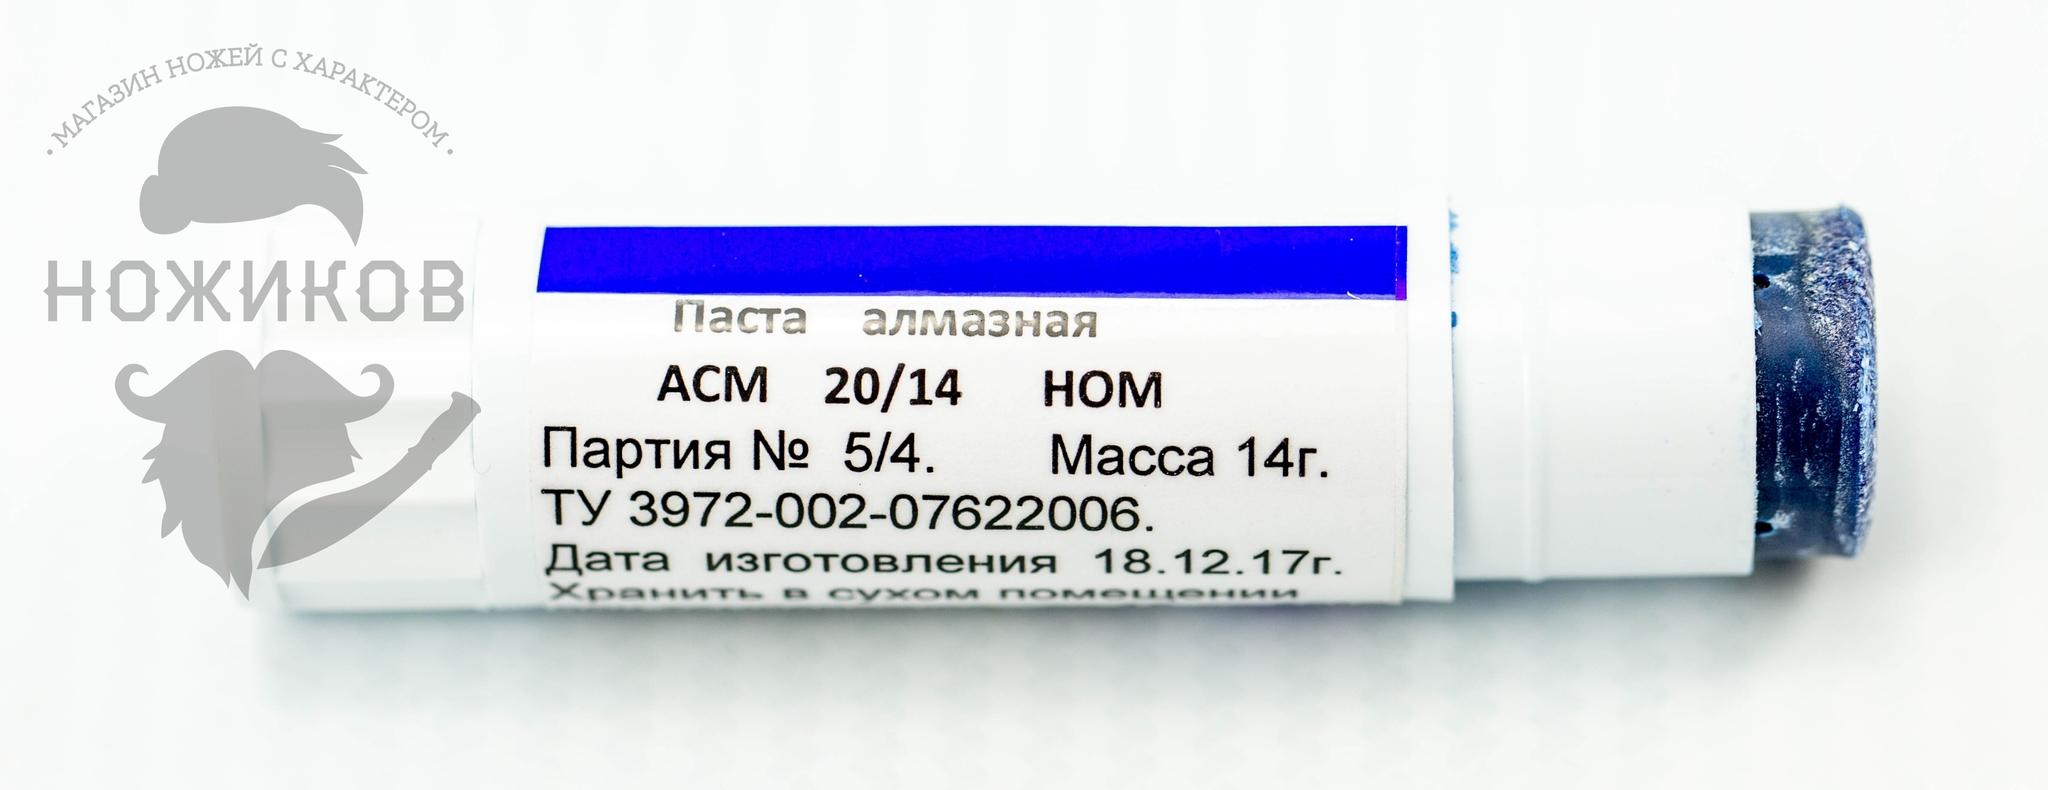 Фото 3 - Алмазная паста HOM ACM 20/14, 14 гр. от Веневский  завод алмазных инструментов